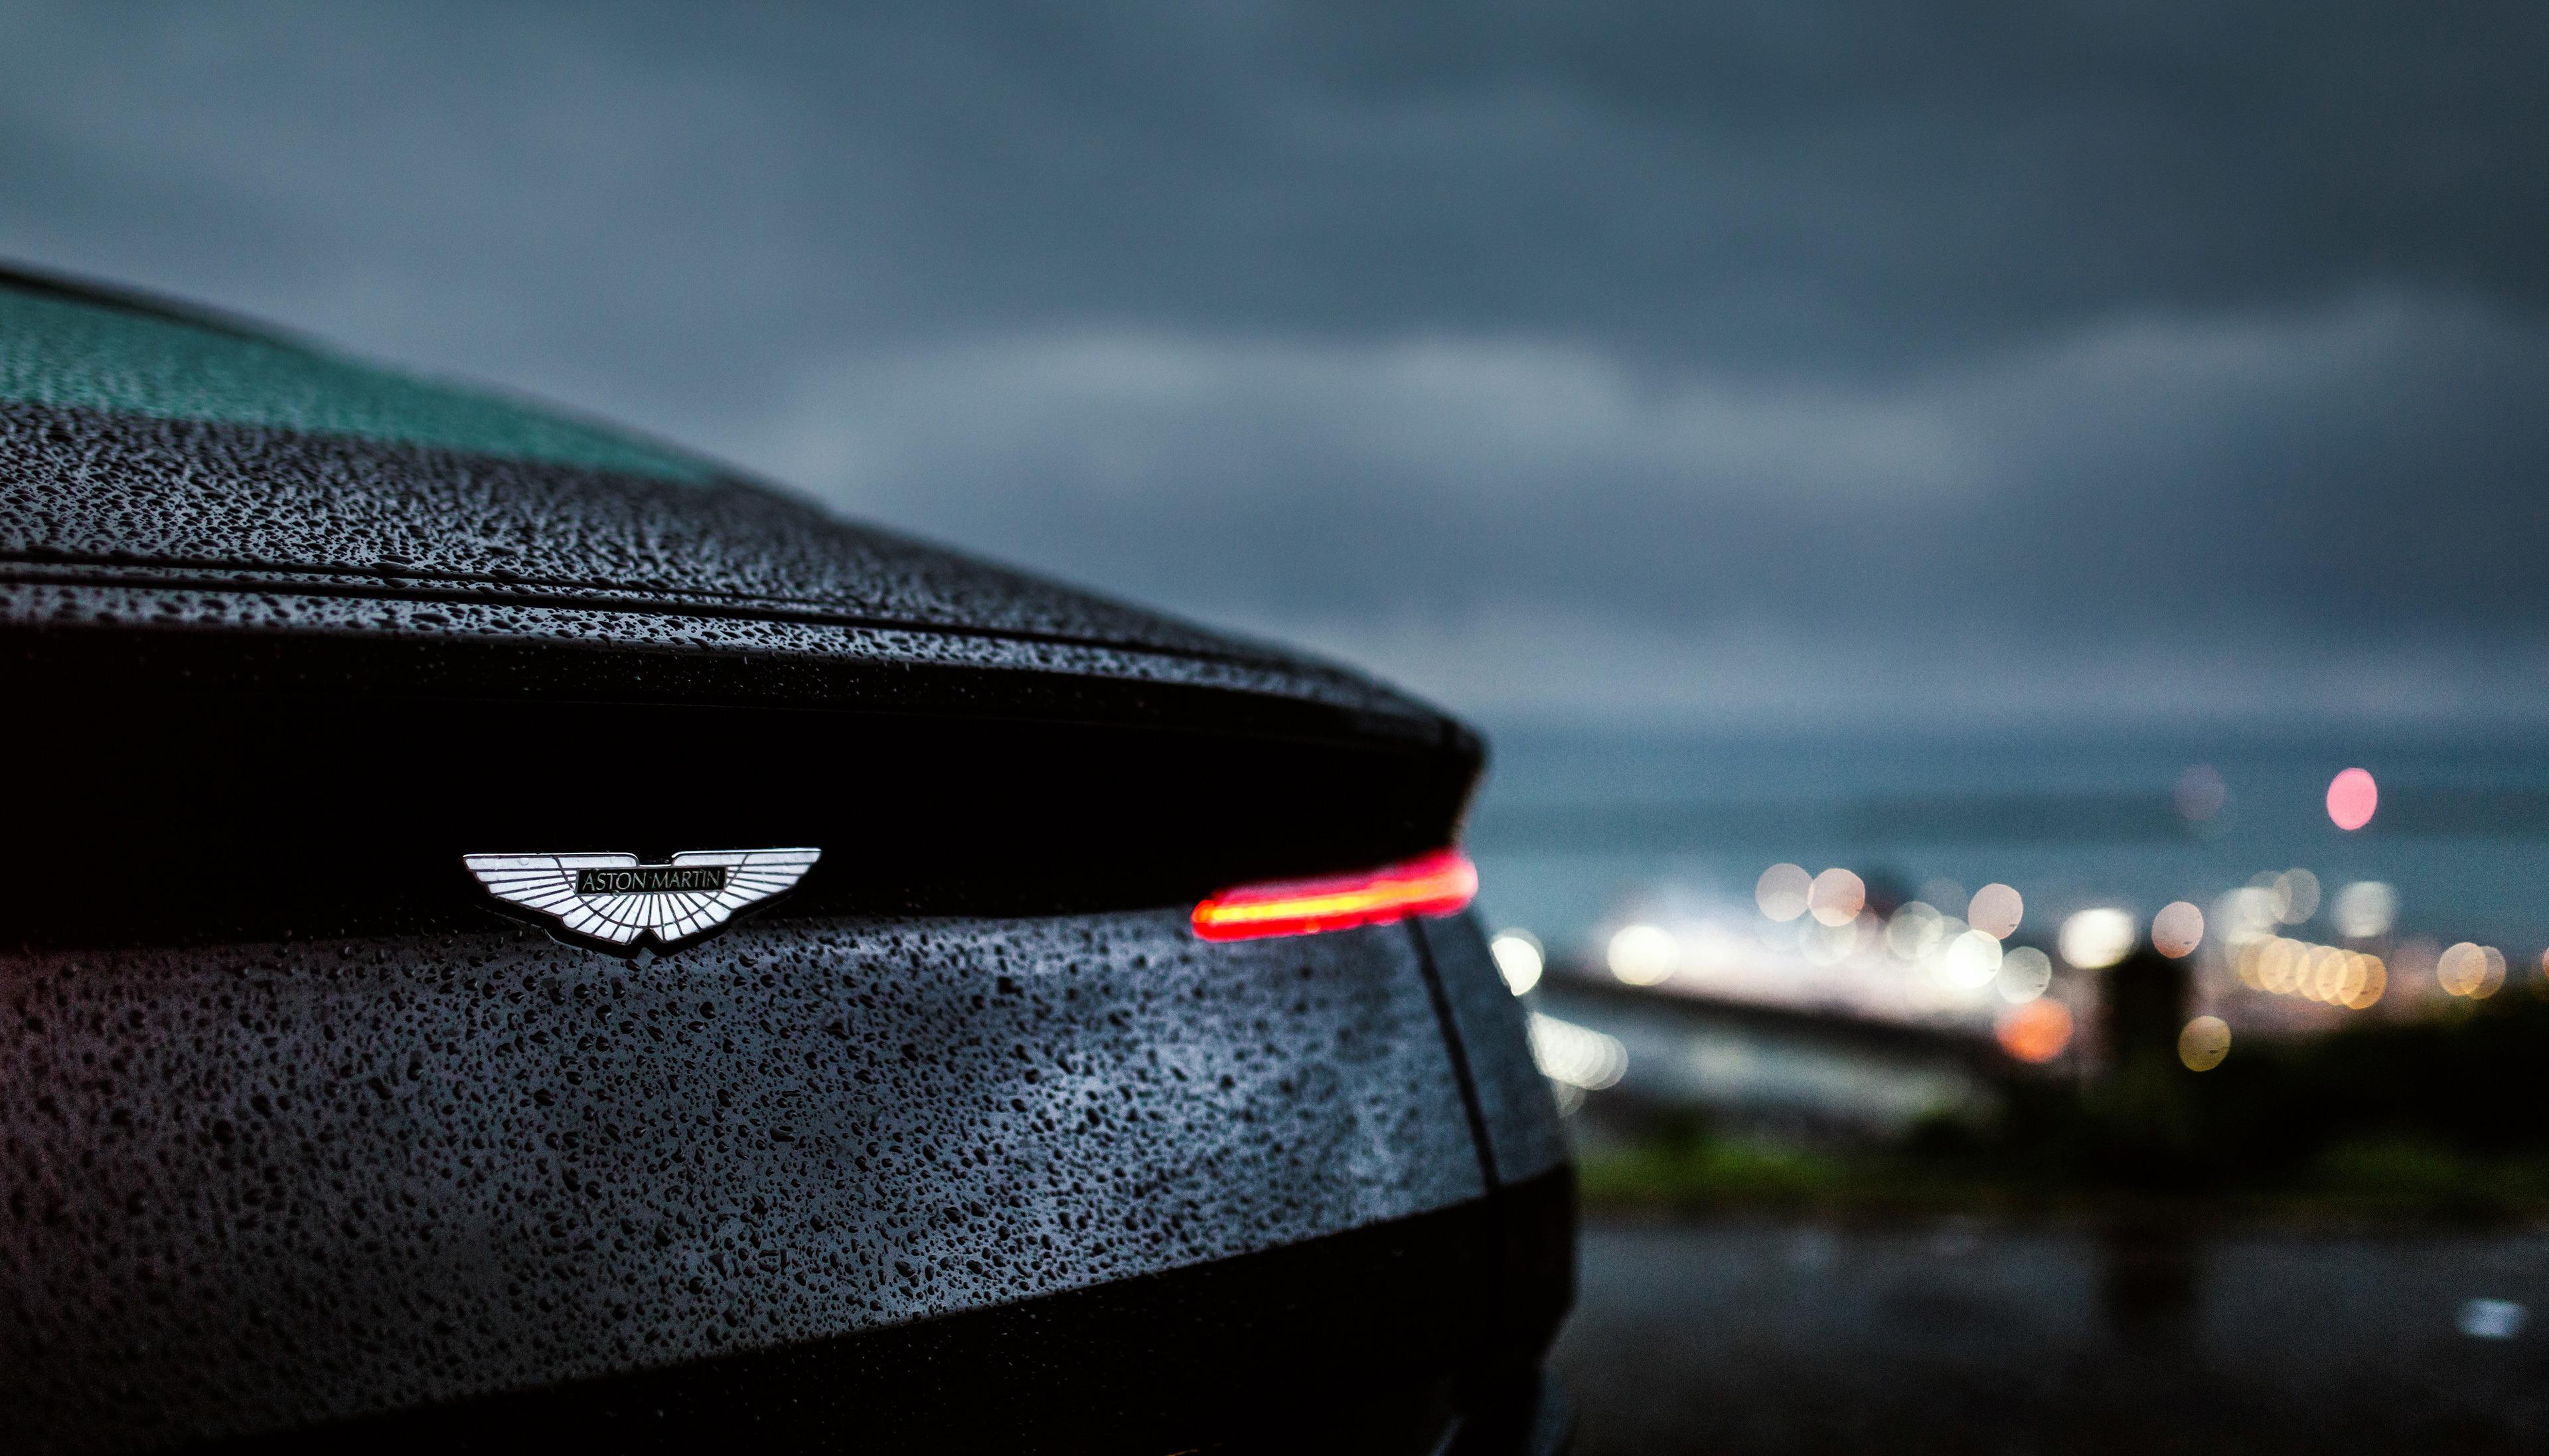 Download 3840x2400 Wallpaper Aston Martin Db11 Drops Rain Rear Taillight 4k Ultra Hd 16 10